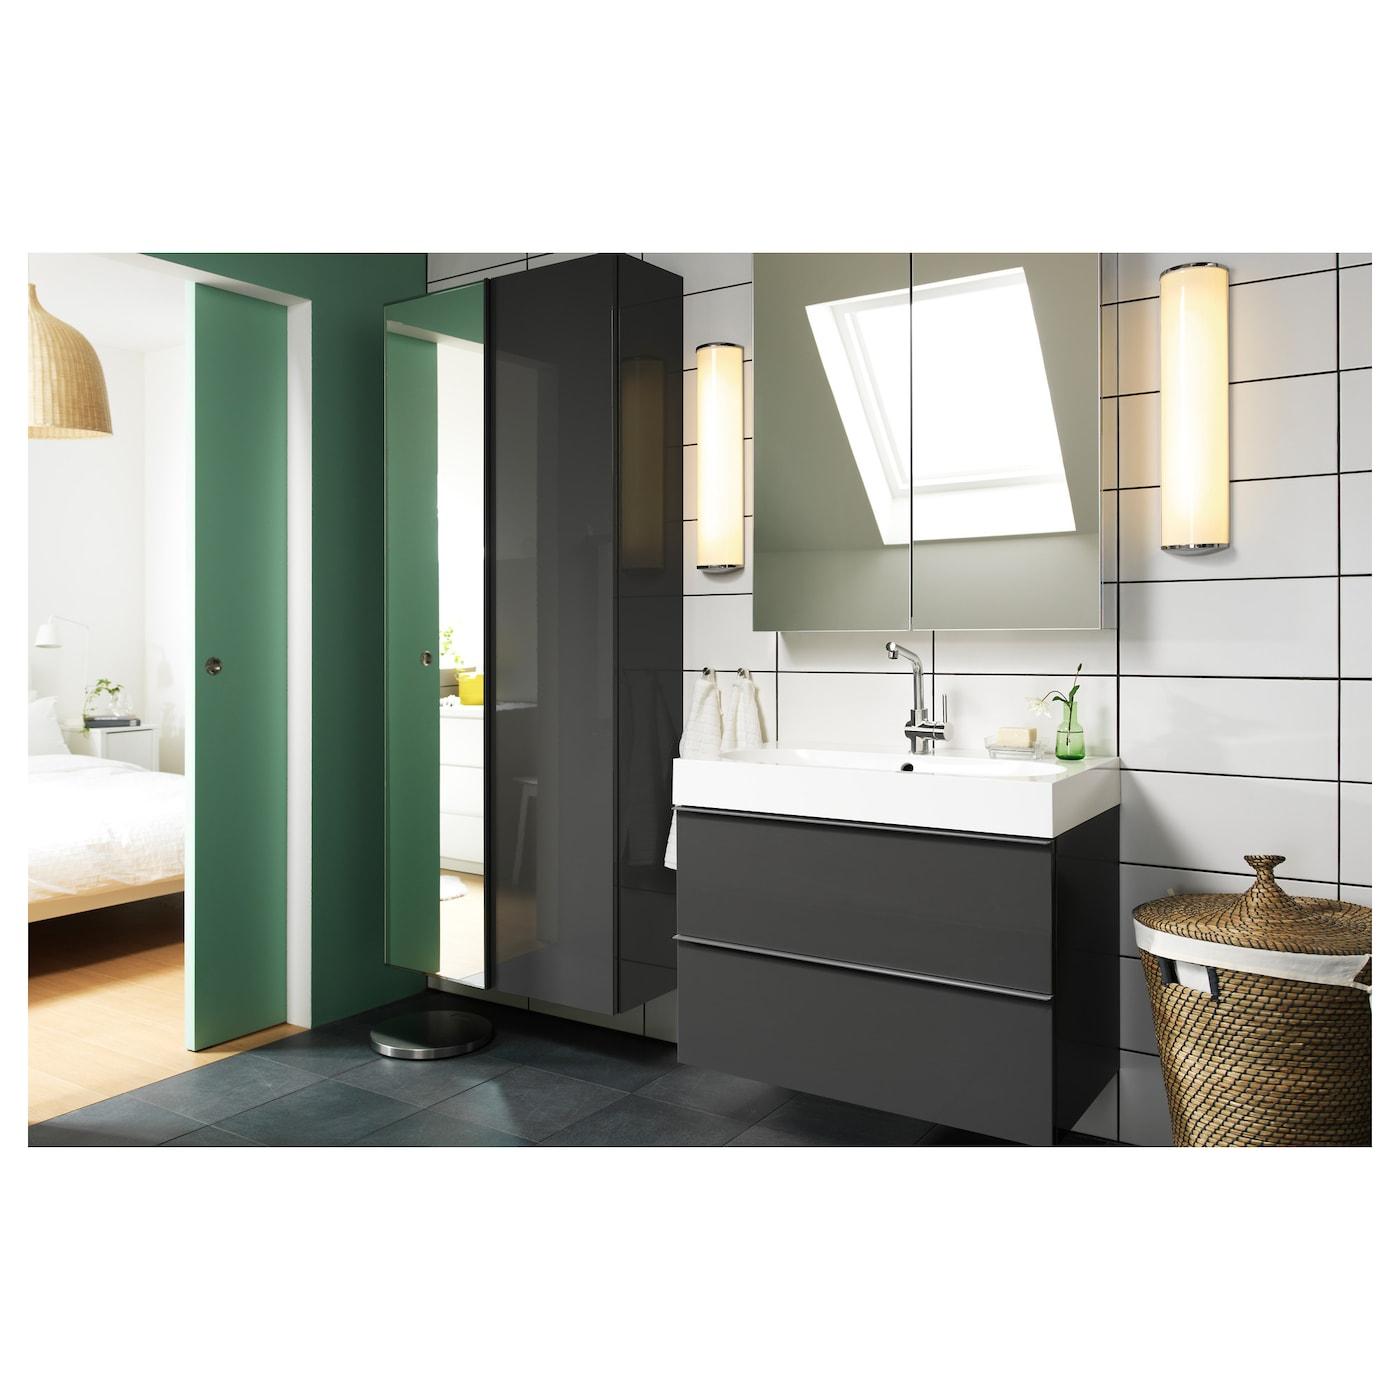 Godmorgon armario espejo 2 puertas 80 x 14 x 96 cm ikea for Armario 2 puertas ikea